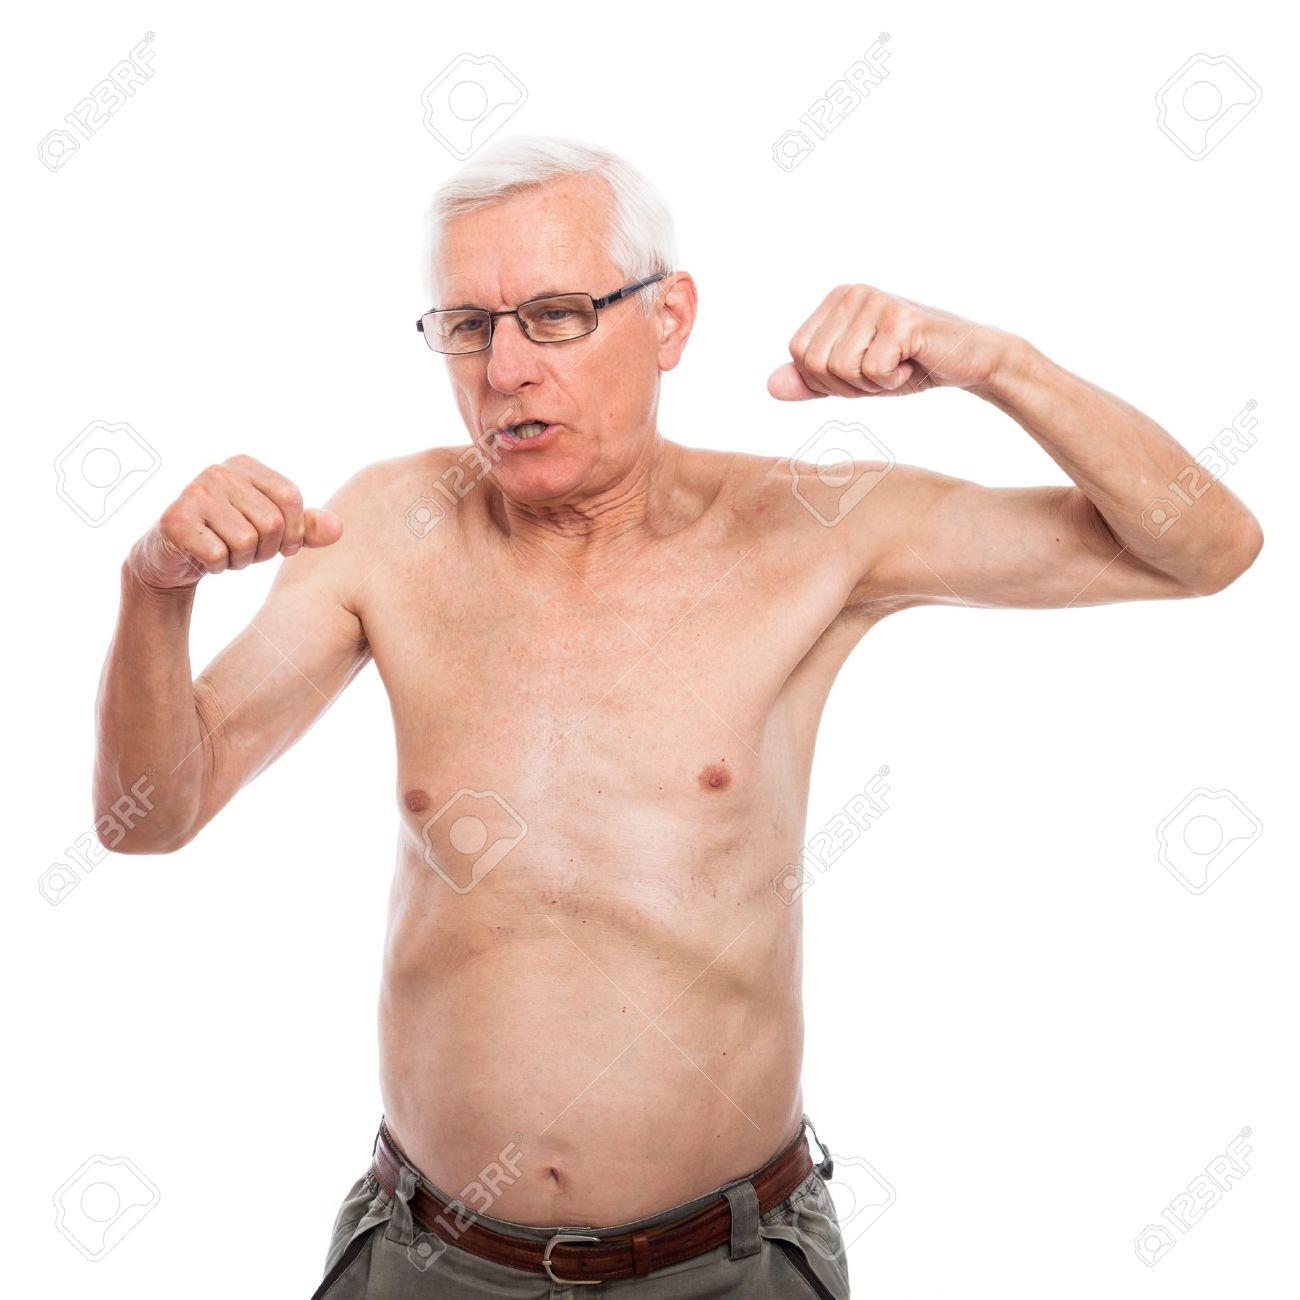 torse nu homme senior gesticulant et montrant le corps isolé sur